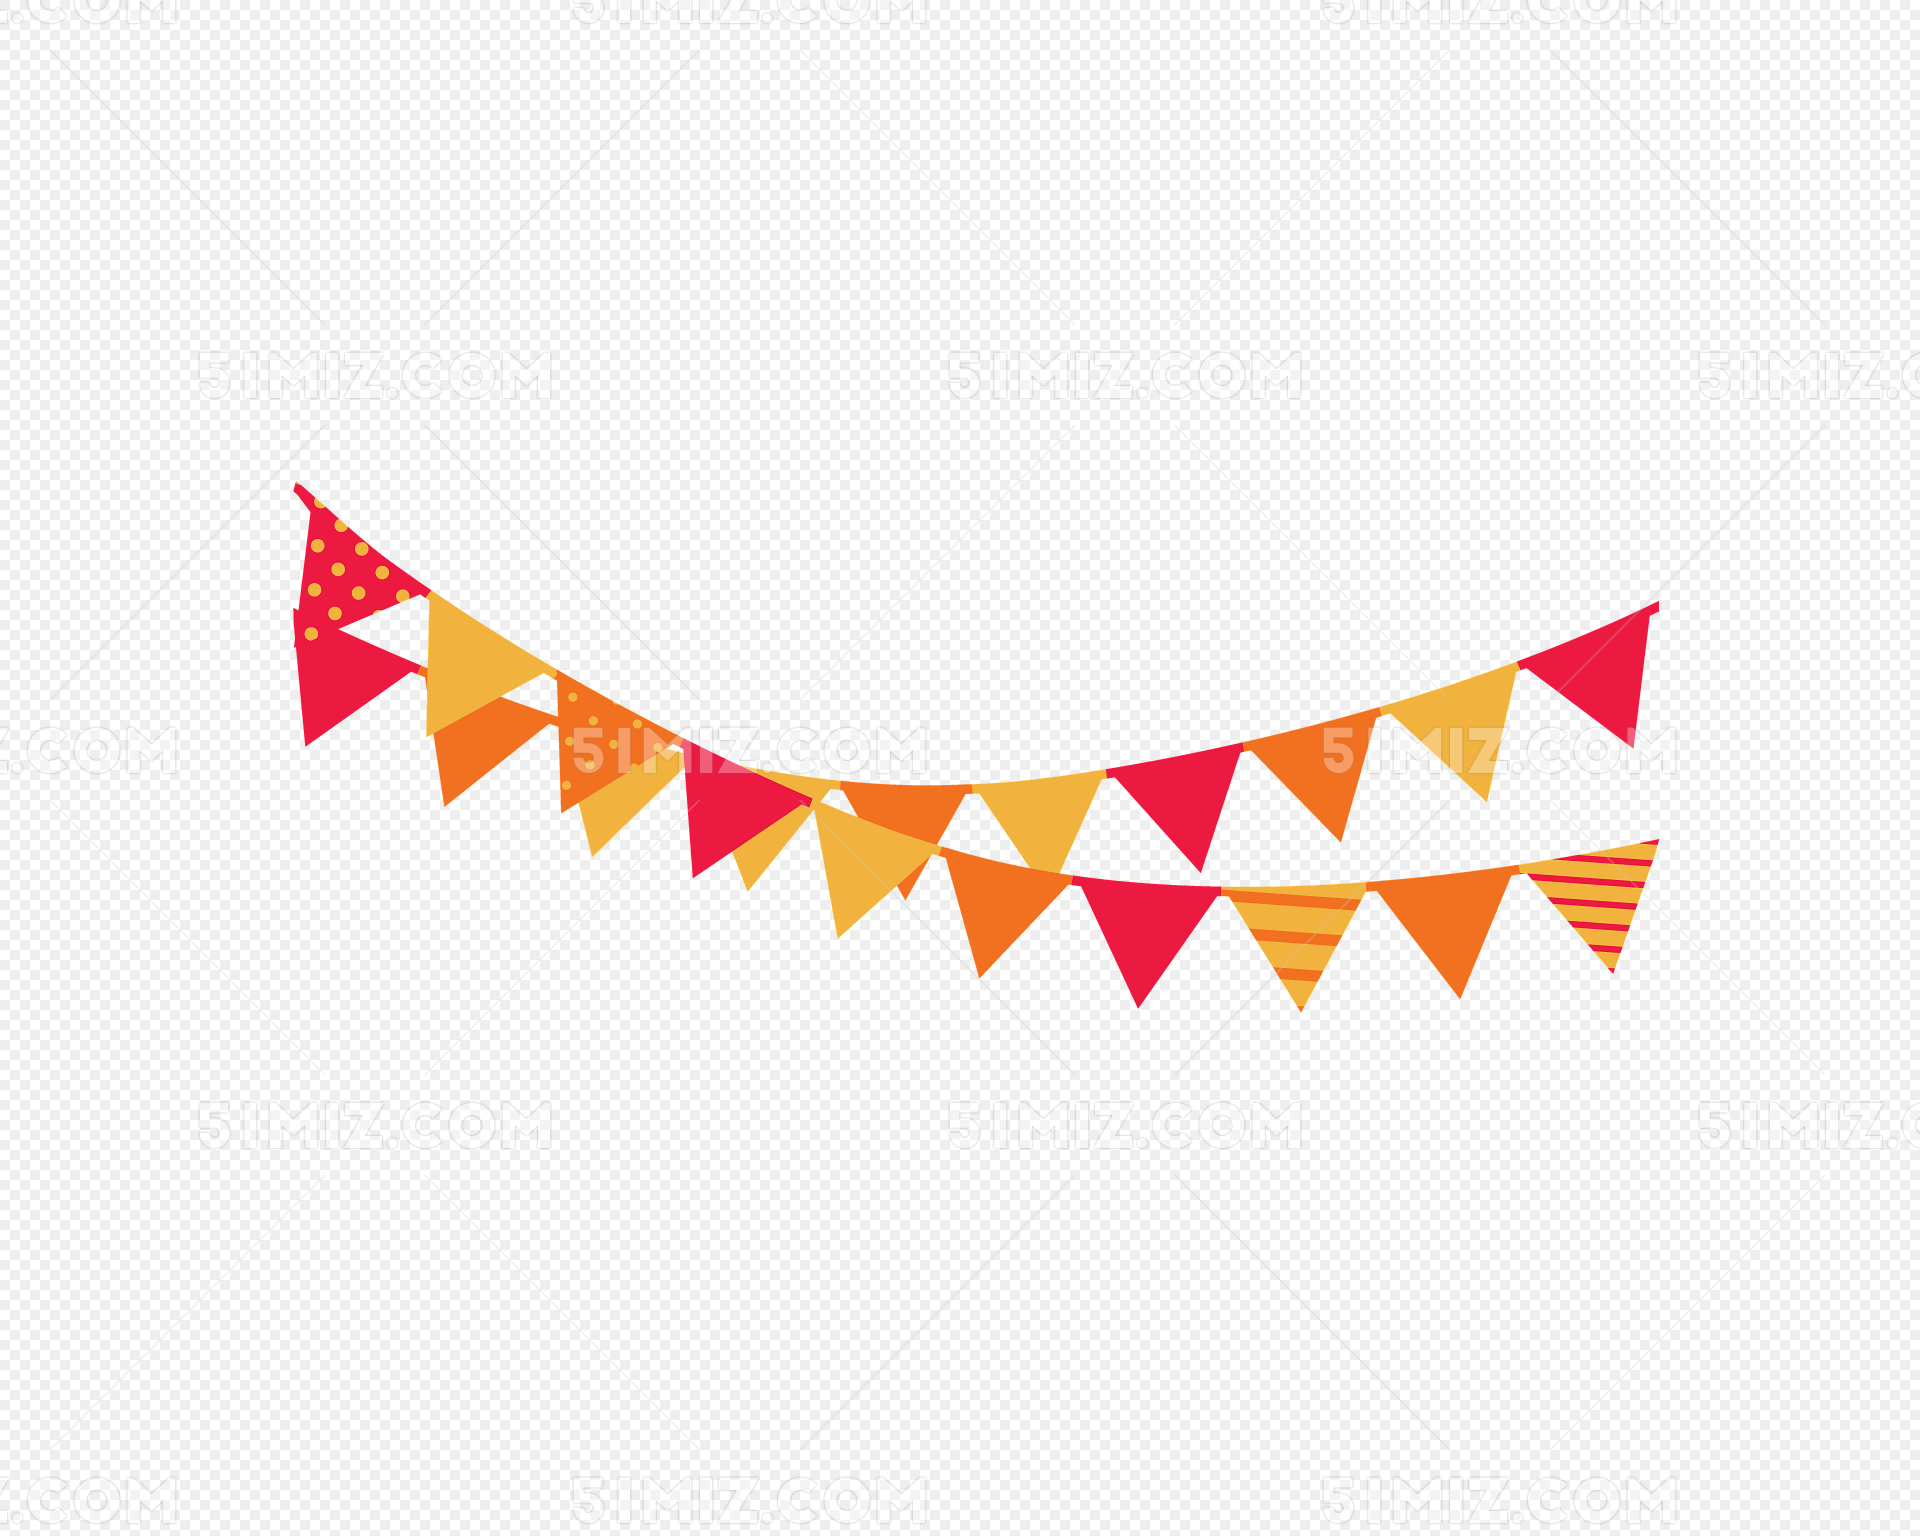 愚人节 庆祝红色卡通彩旗矢量图